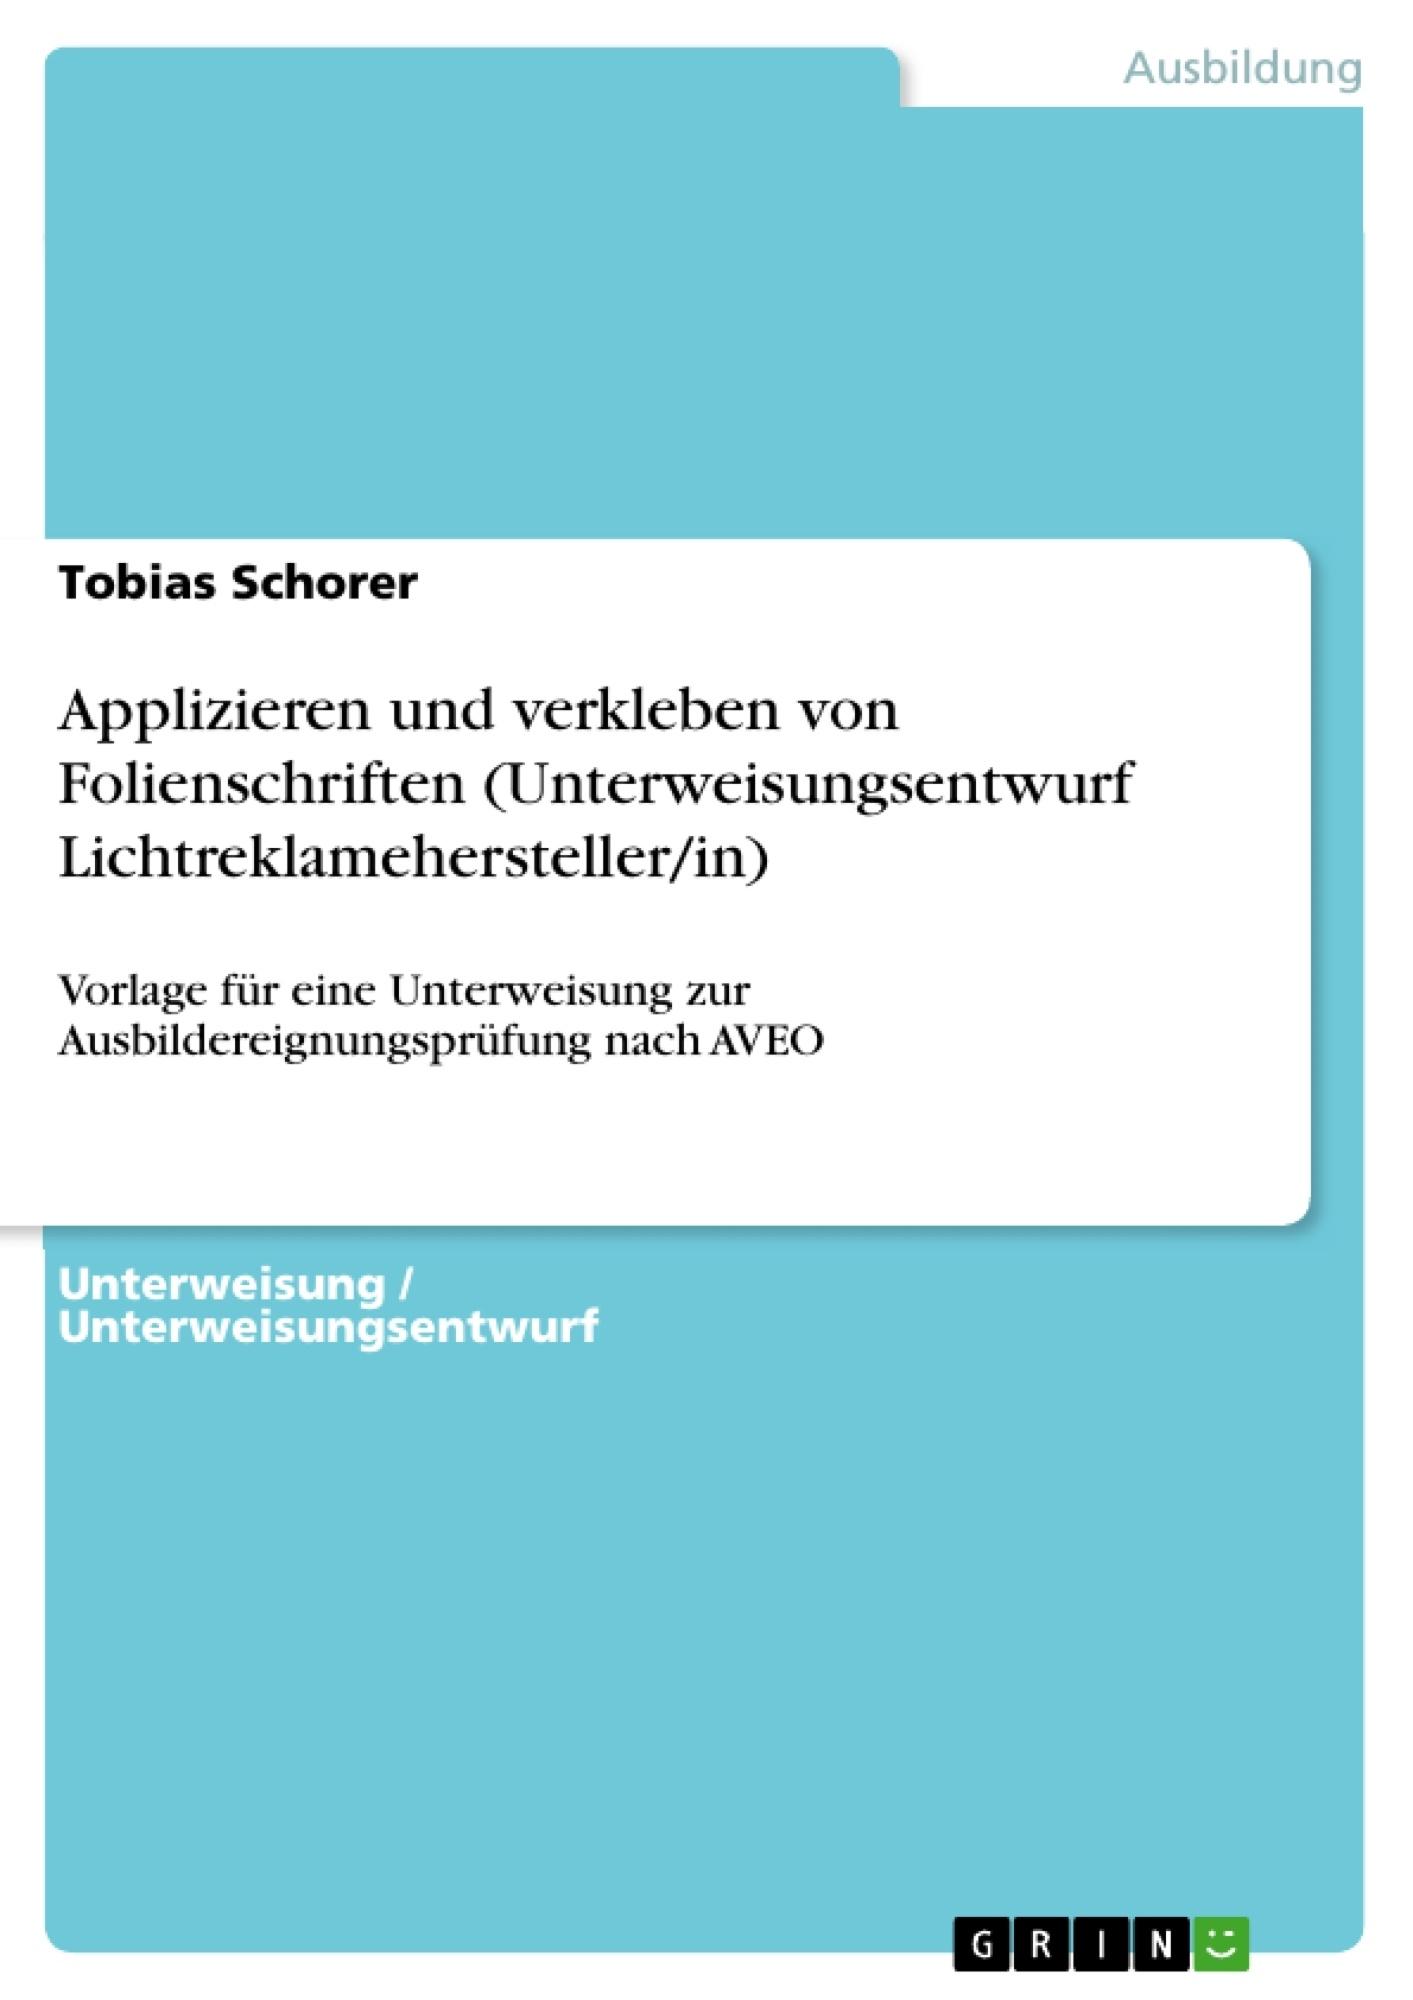 Titel: Applizieren und verkleben von Folienschriften (Unterweisungsentwurf Lichtreklamehersteller/in)